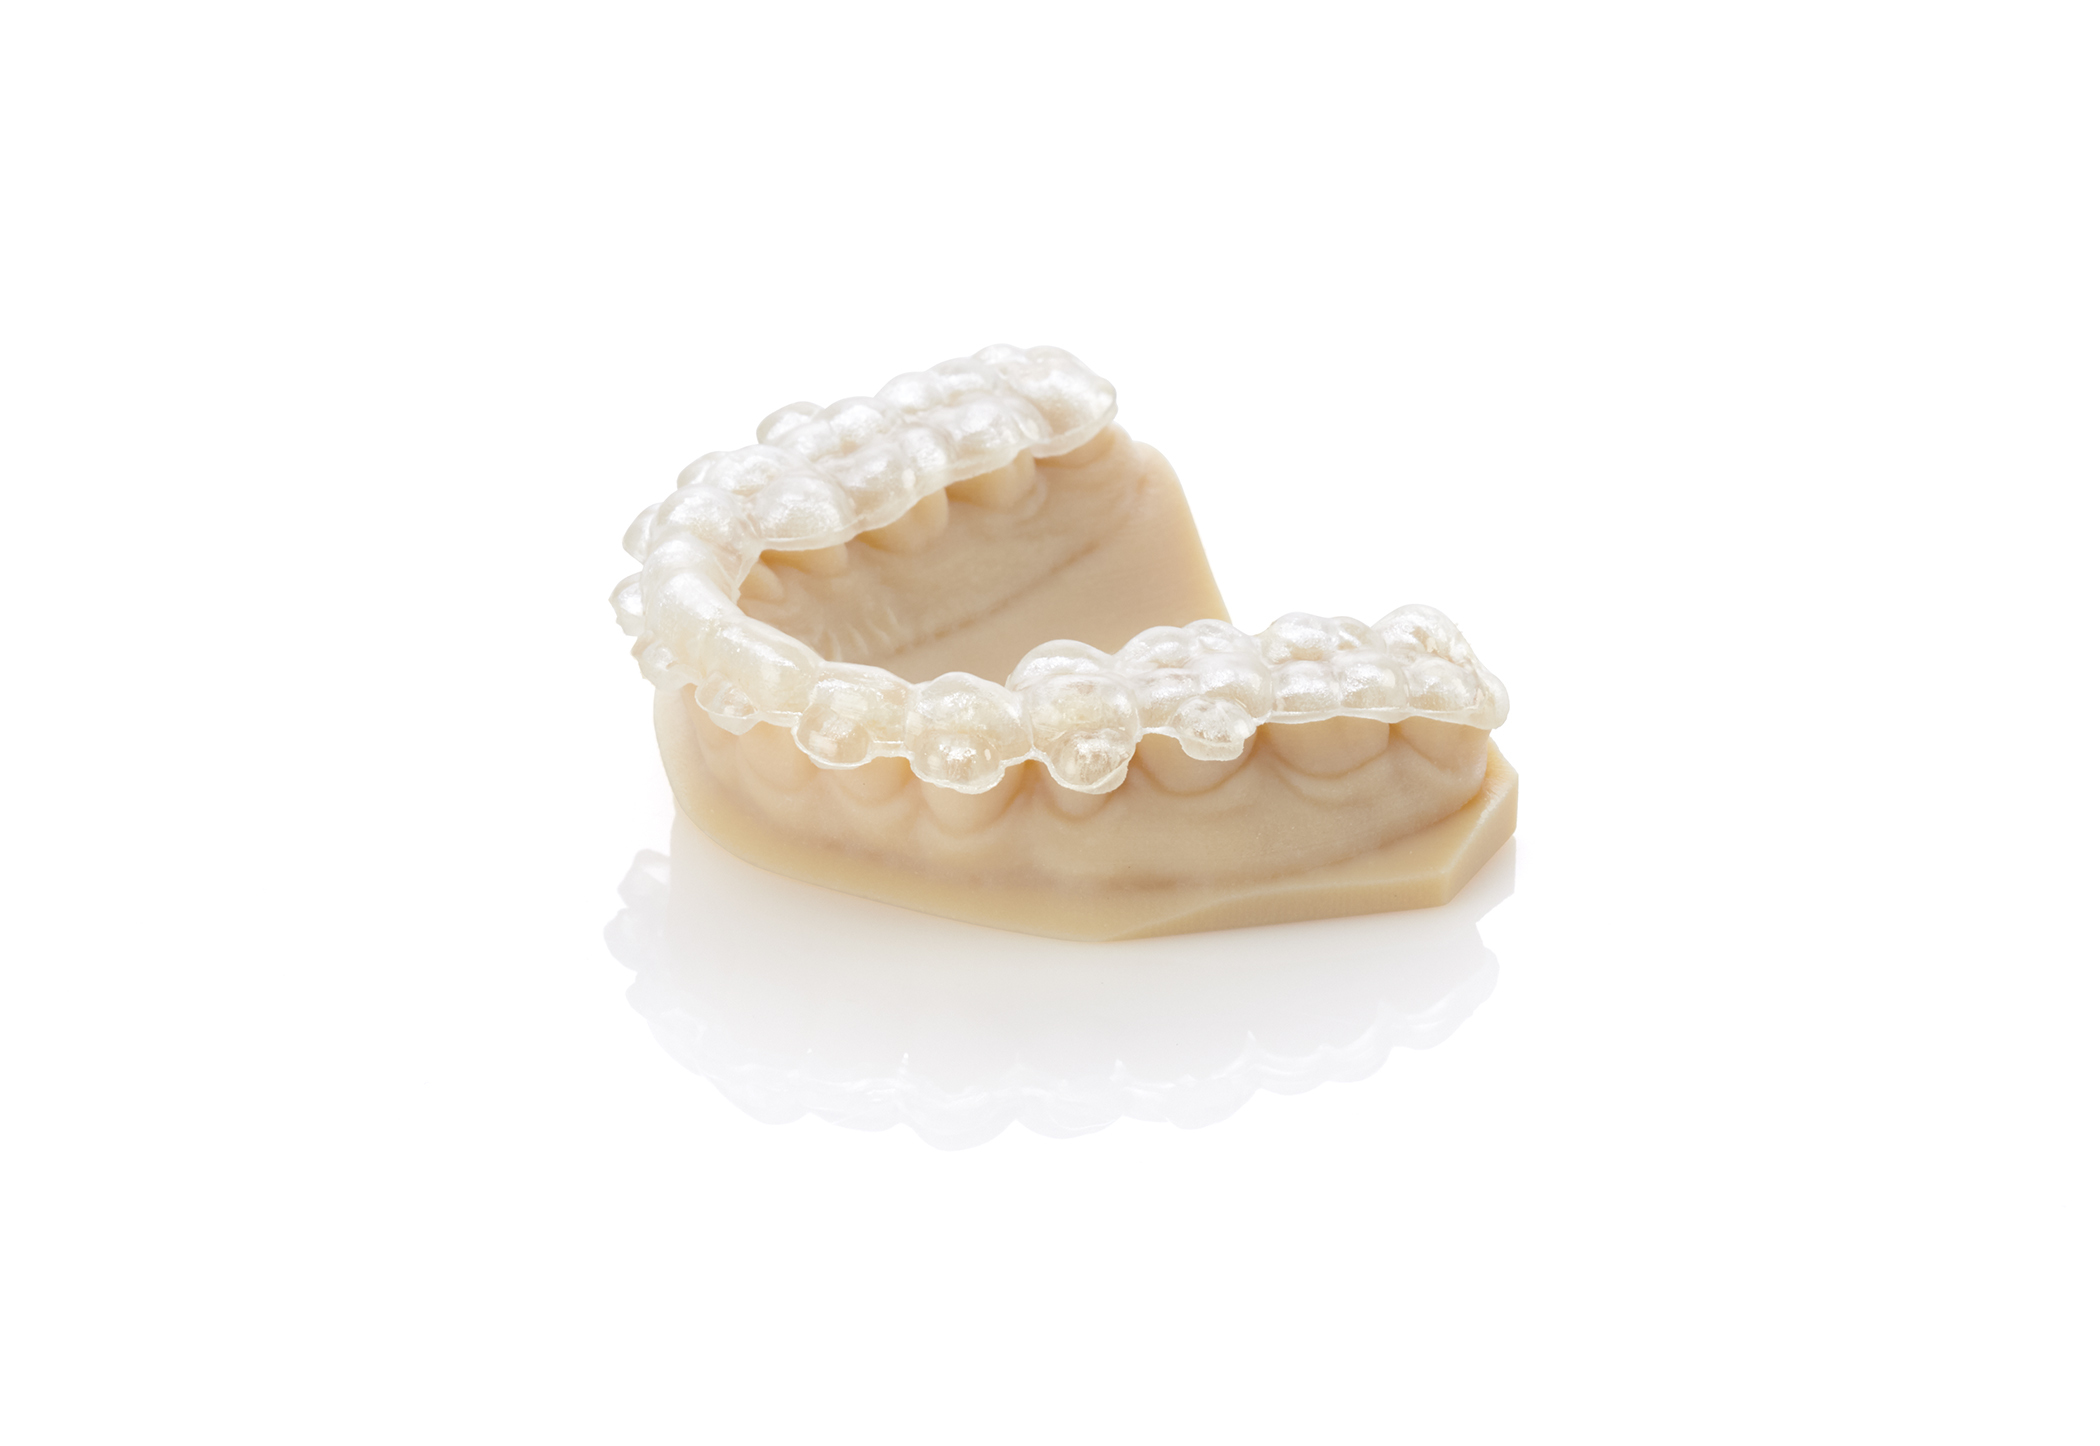 stratasys objet 260 3D Drucker zahnschienen - Stratasys präsentiert Objet260 Dental 3D-Drucker